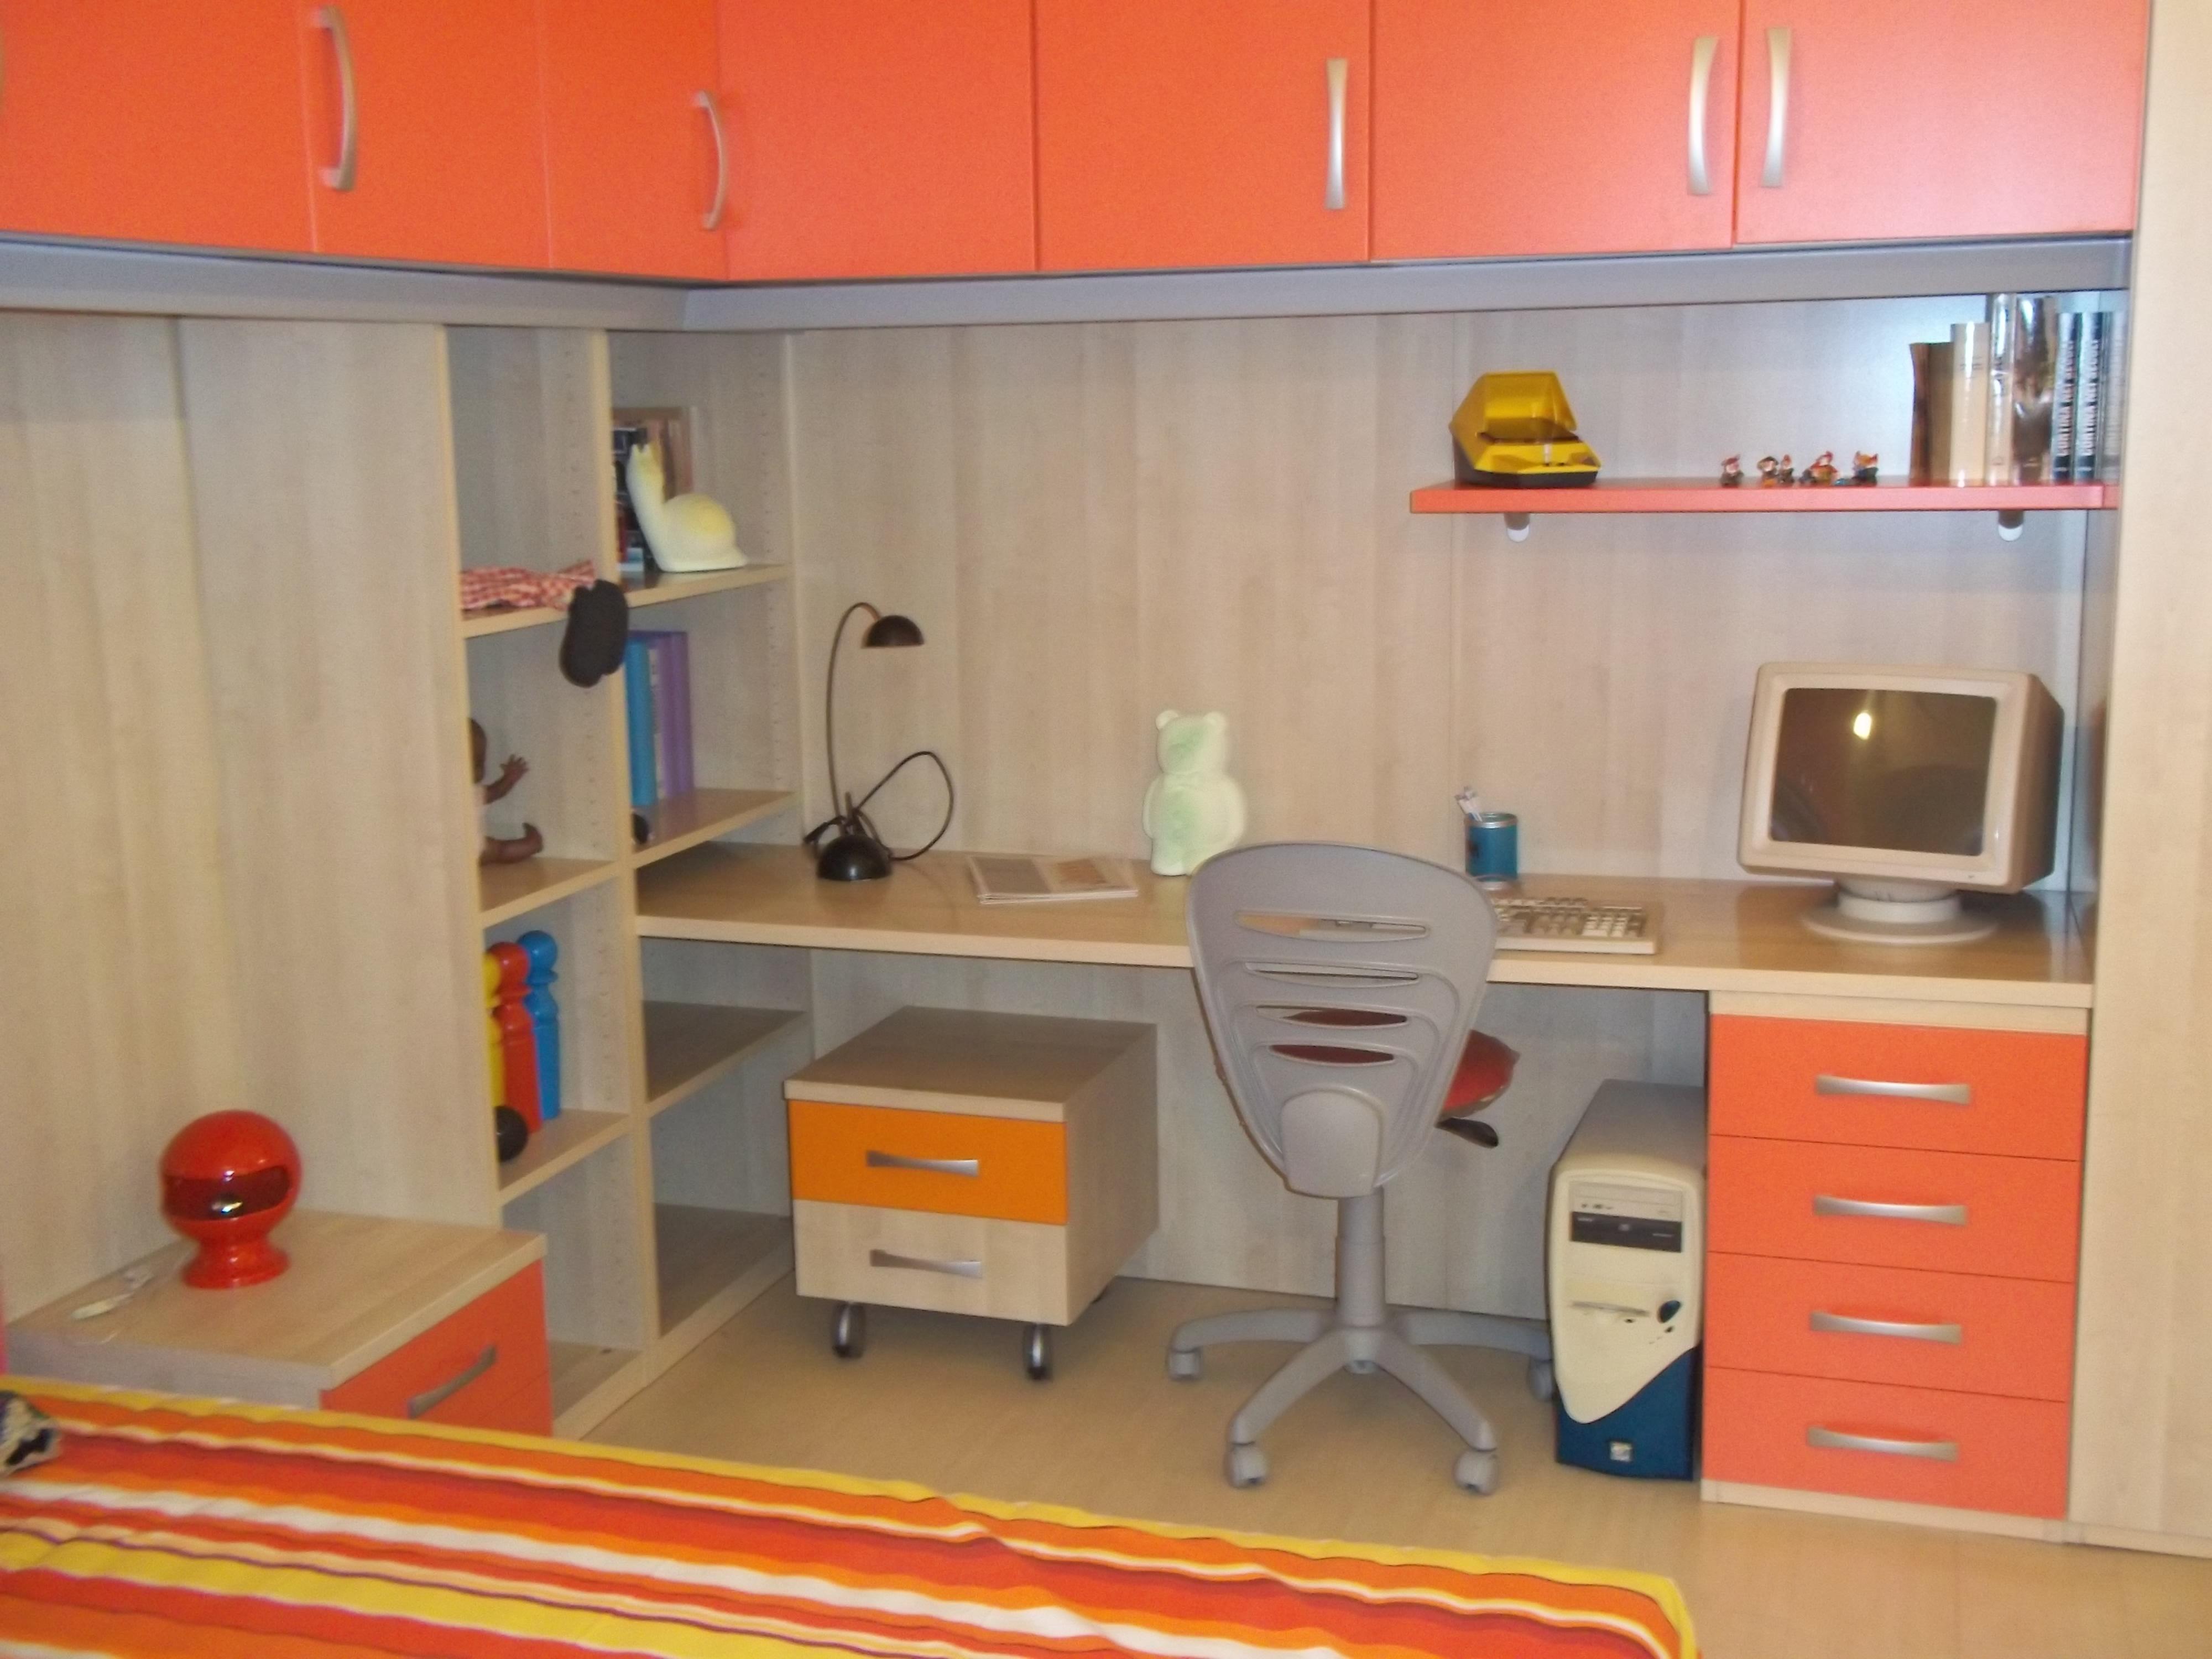 Camerette piccole dimensioni camerette piccole dimensioni - Camerette a ponte piccole dimensioni ...